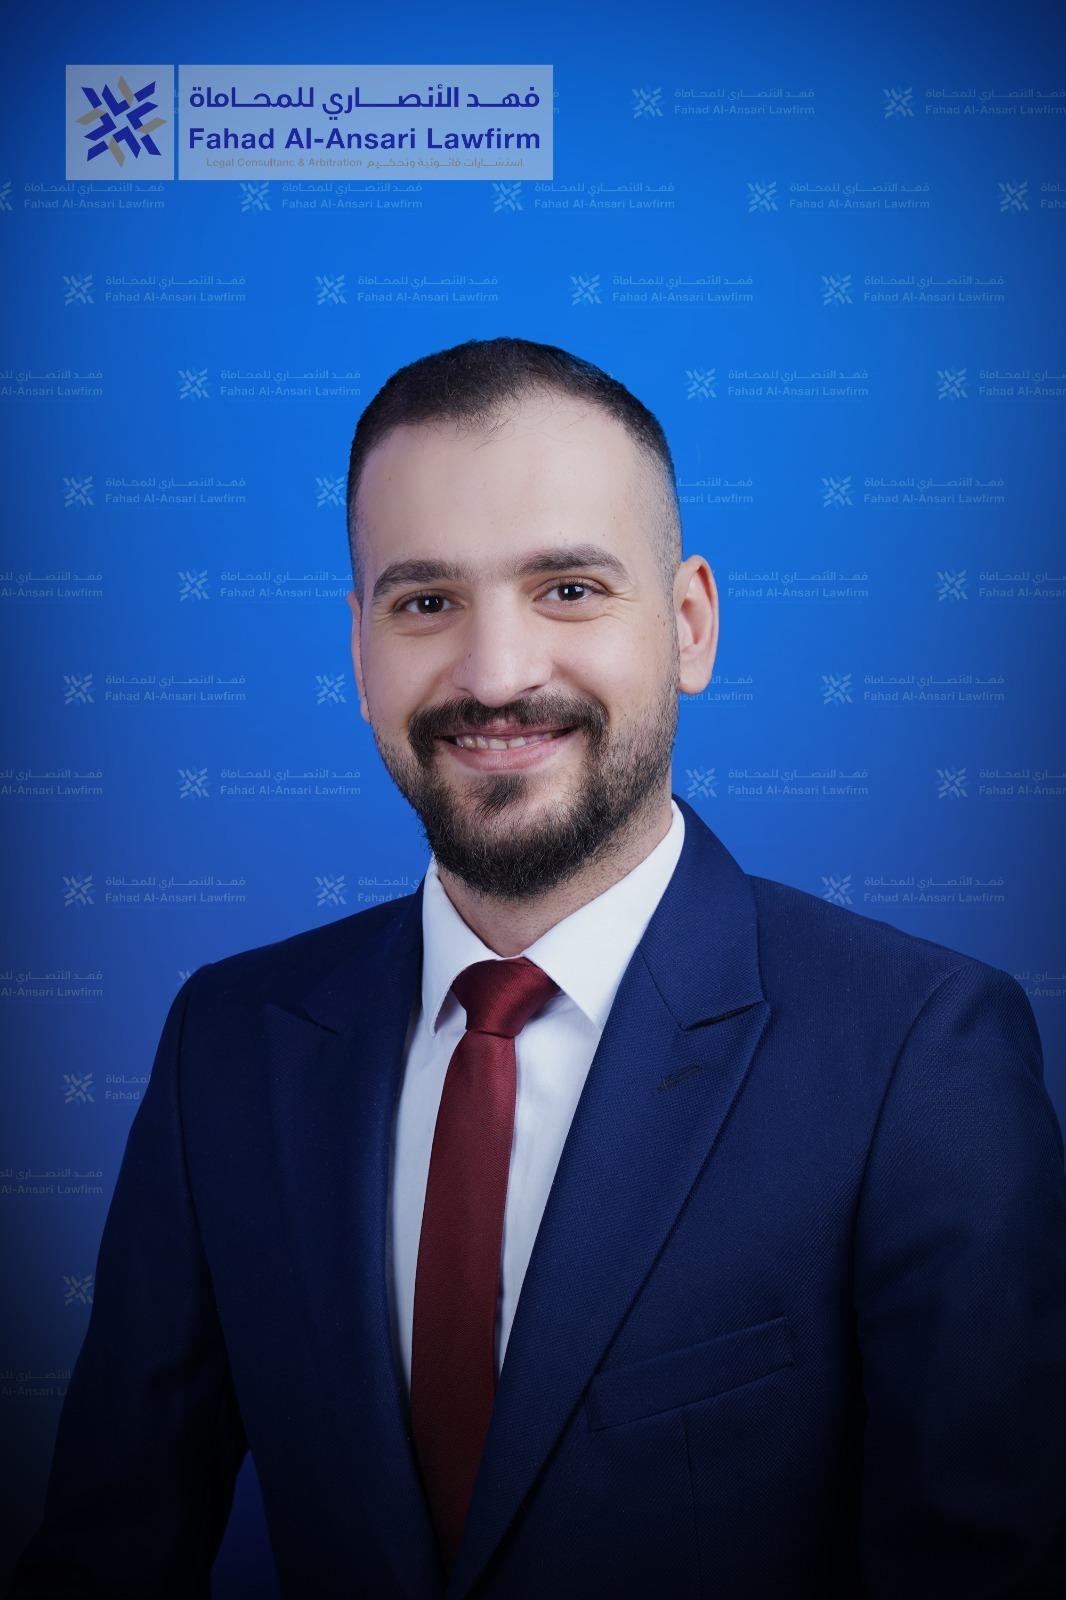 Mohamed Youssef Abu Al-Khair